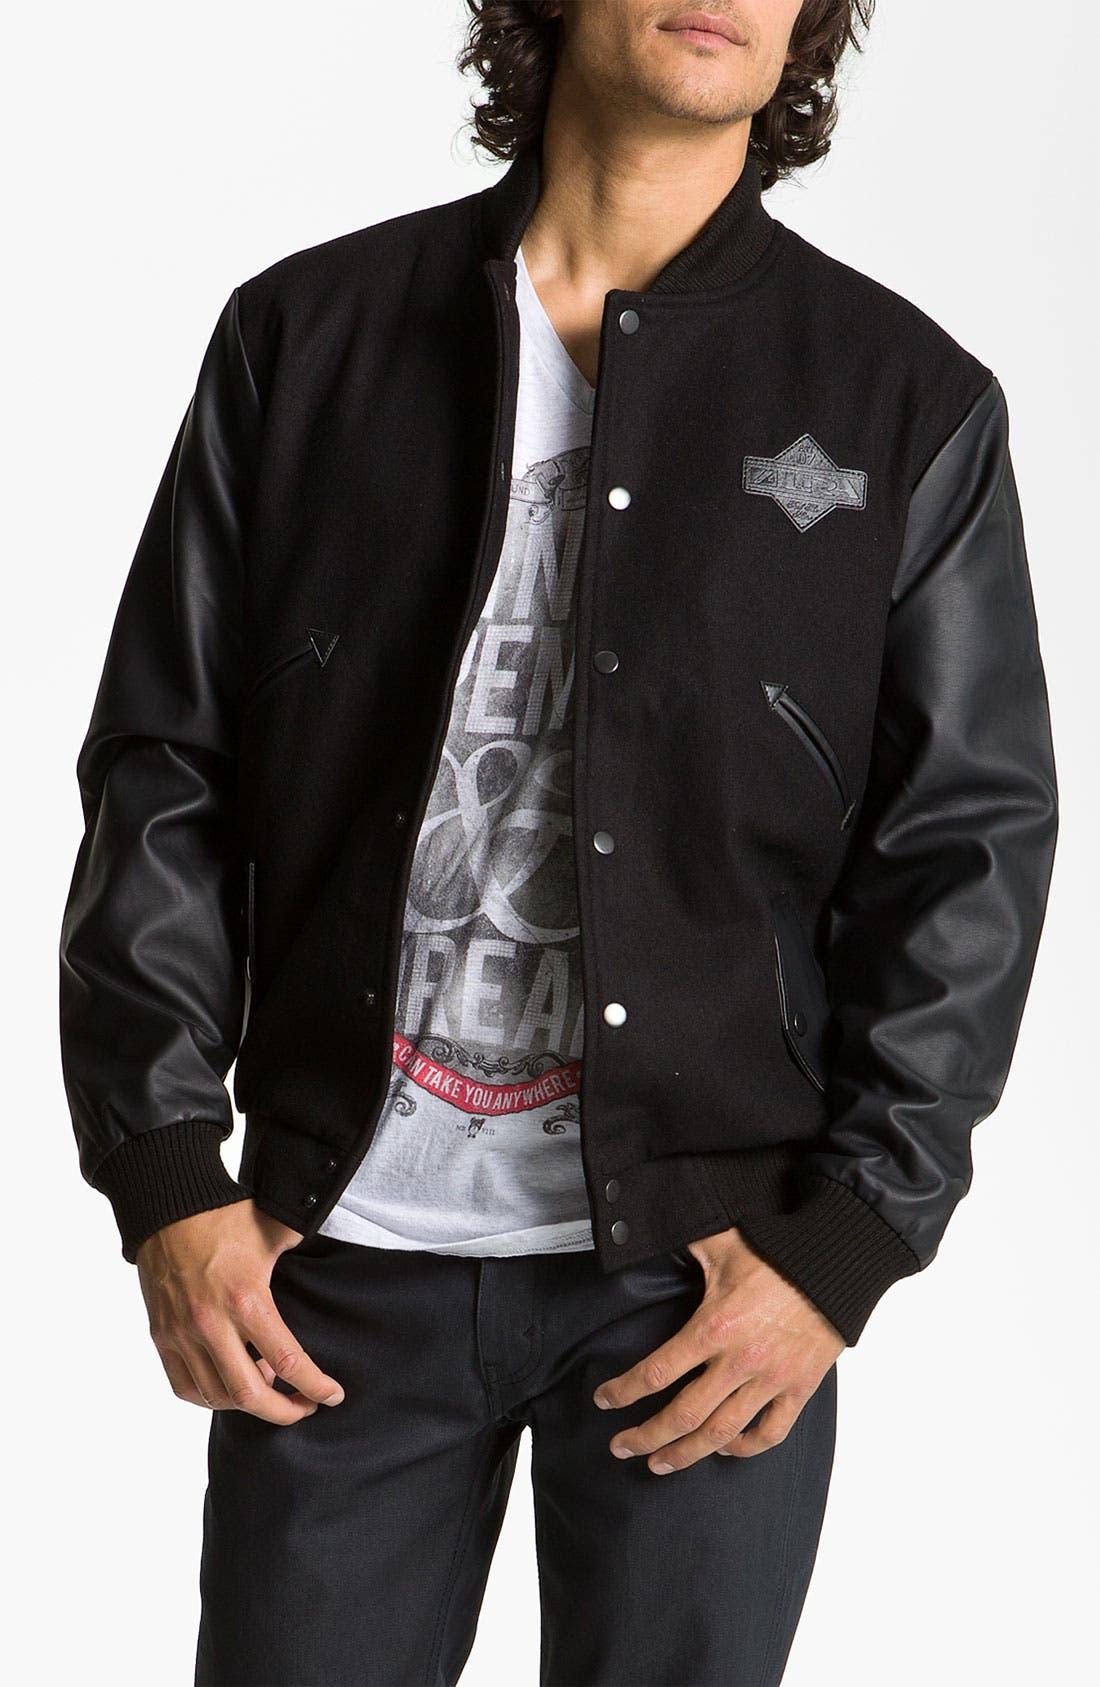 Alternate Image 1 Selected - Lira Clothing Wool Blend Varsity Jacket